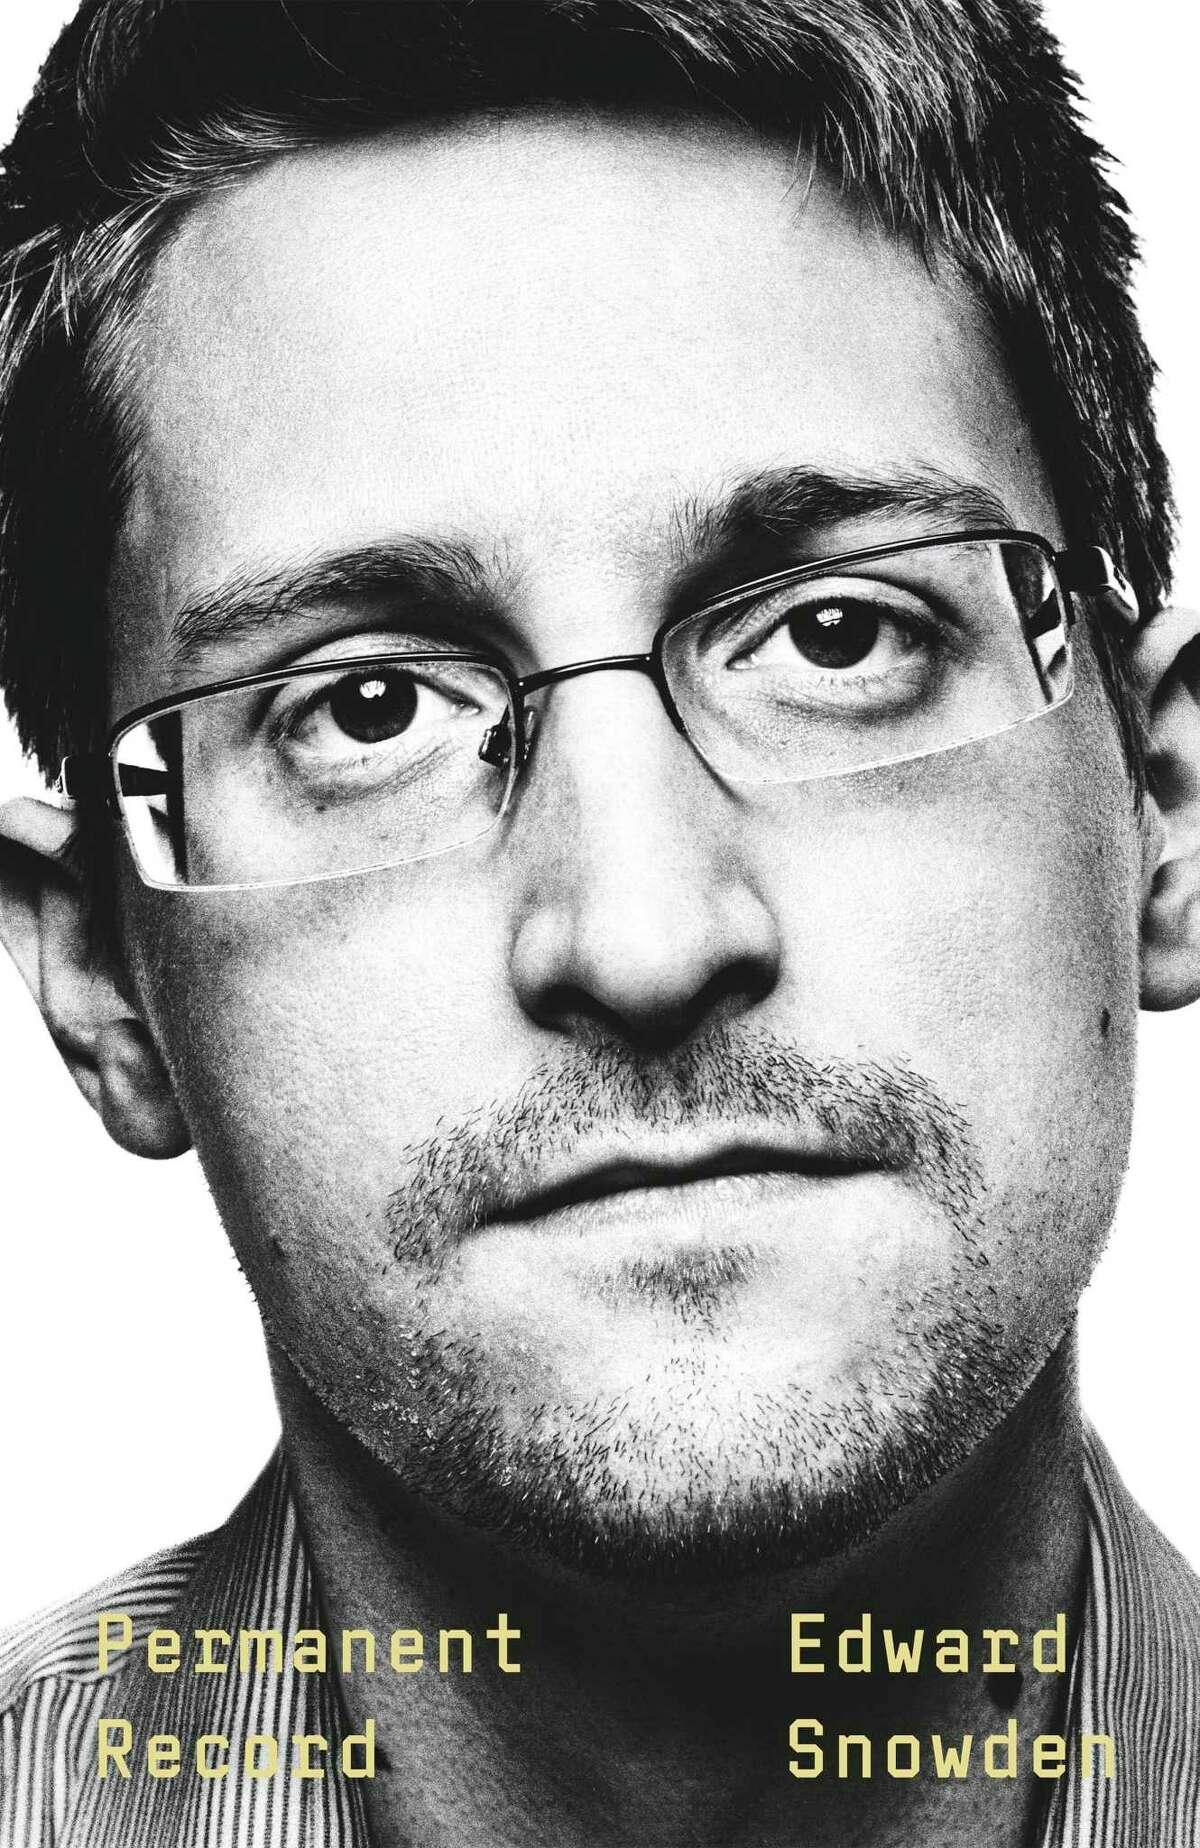 Although Edward Snowden's